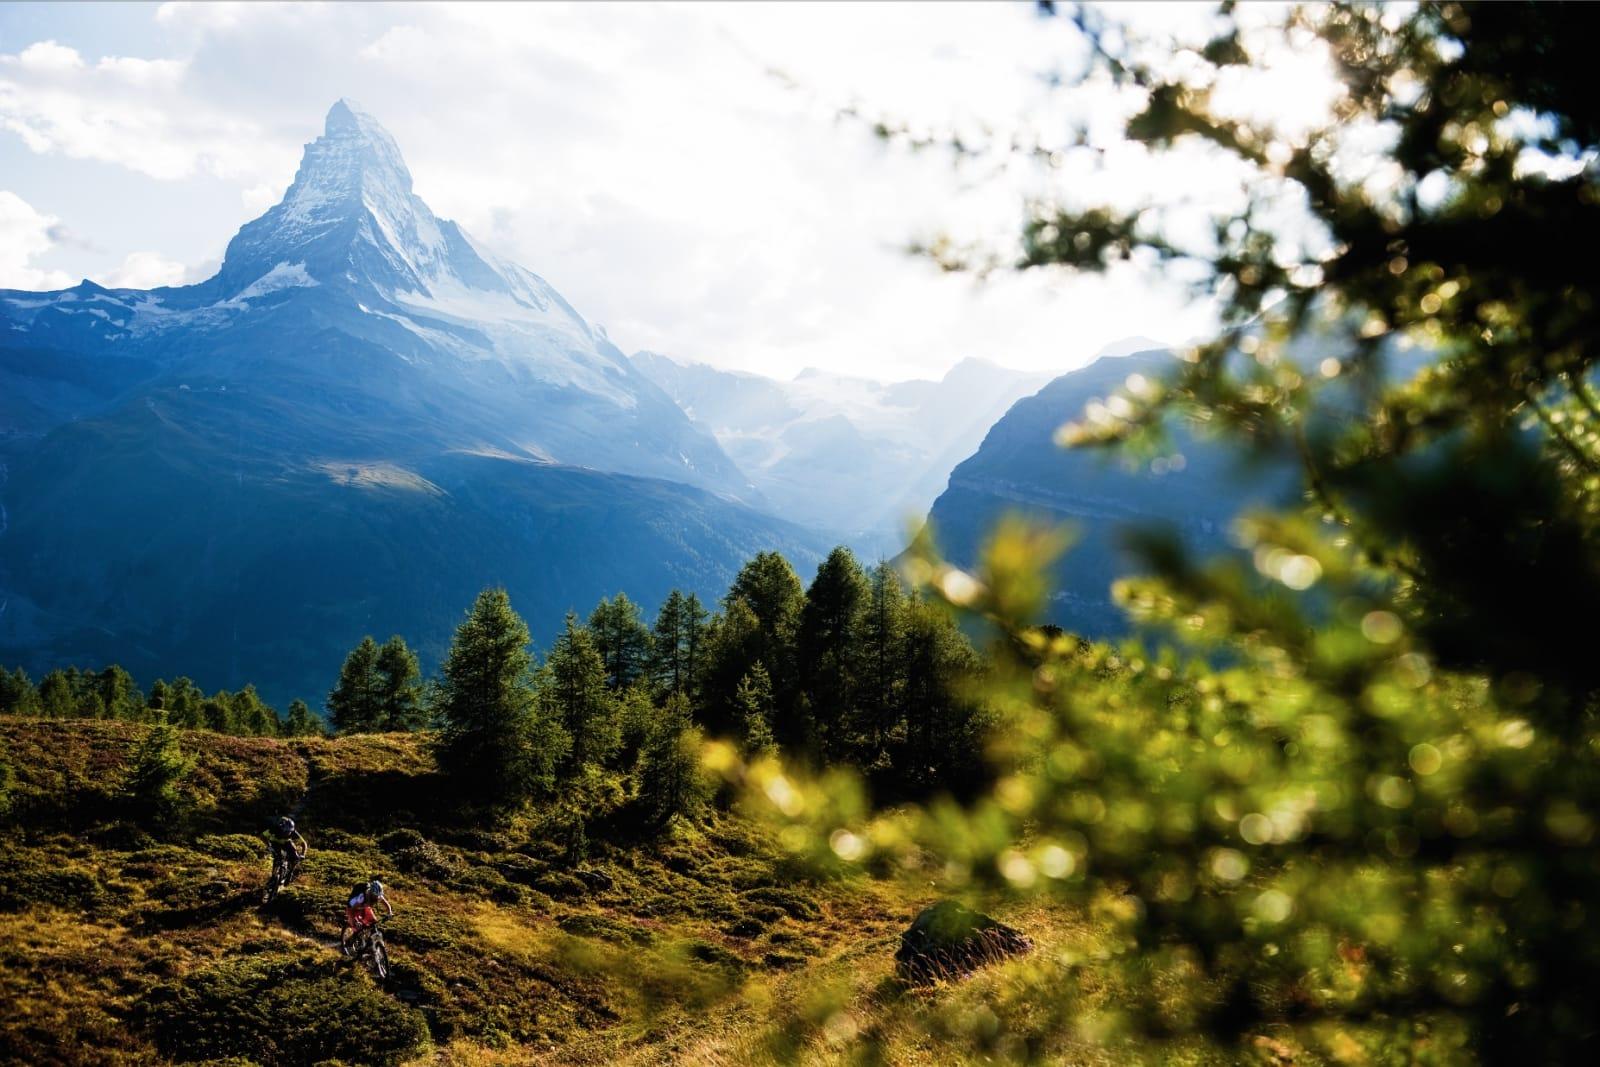 DELER PÅ GODENE: Stinettet rundt Zermatt er imponerende stort. Like imponerende er det at den klassiske fotturdestinasjonen er så velkomne overfor syklister også. Del stien-konseptet gjelder, og det fungerer bra. Her sykler Karen Eller og Holger Meyer ved Sunnegga.